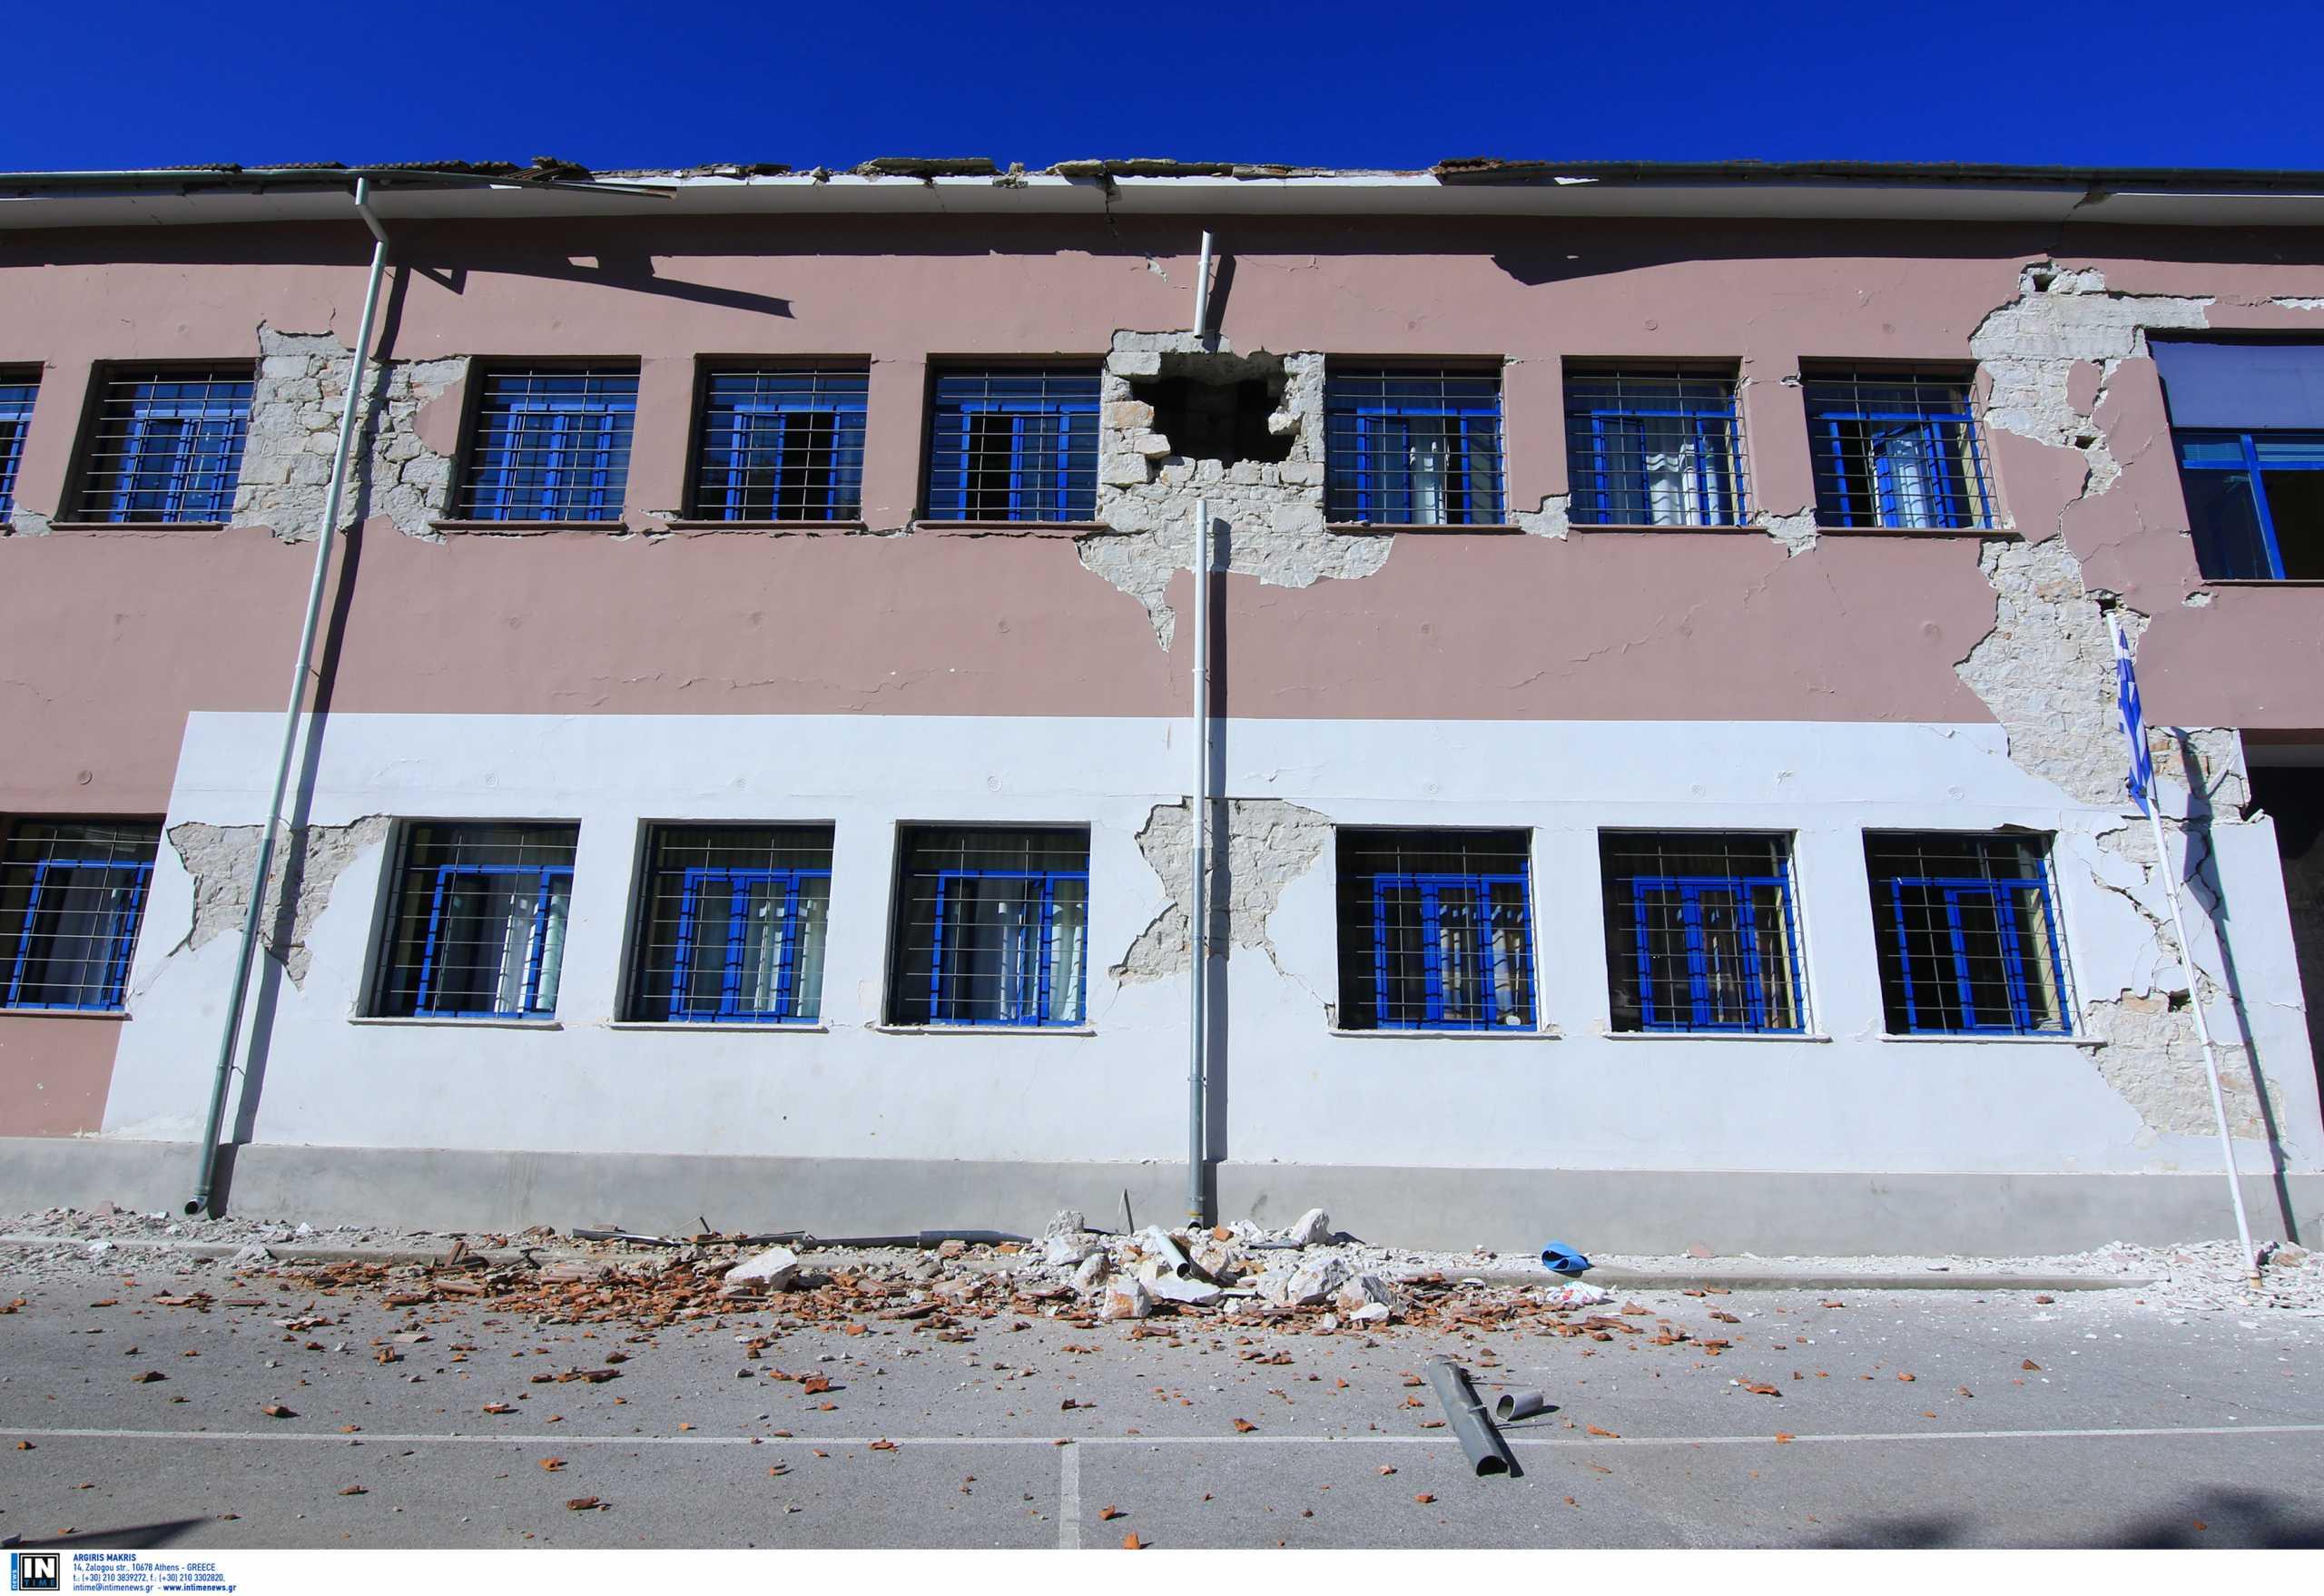 Λάρισα: Δε θα λειτουργήσουν ούτε με τηλεκπαίδευση τα σχολεία